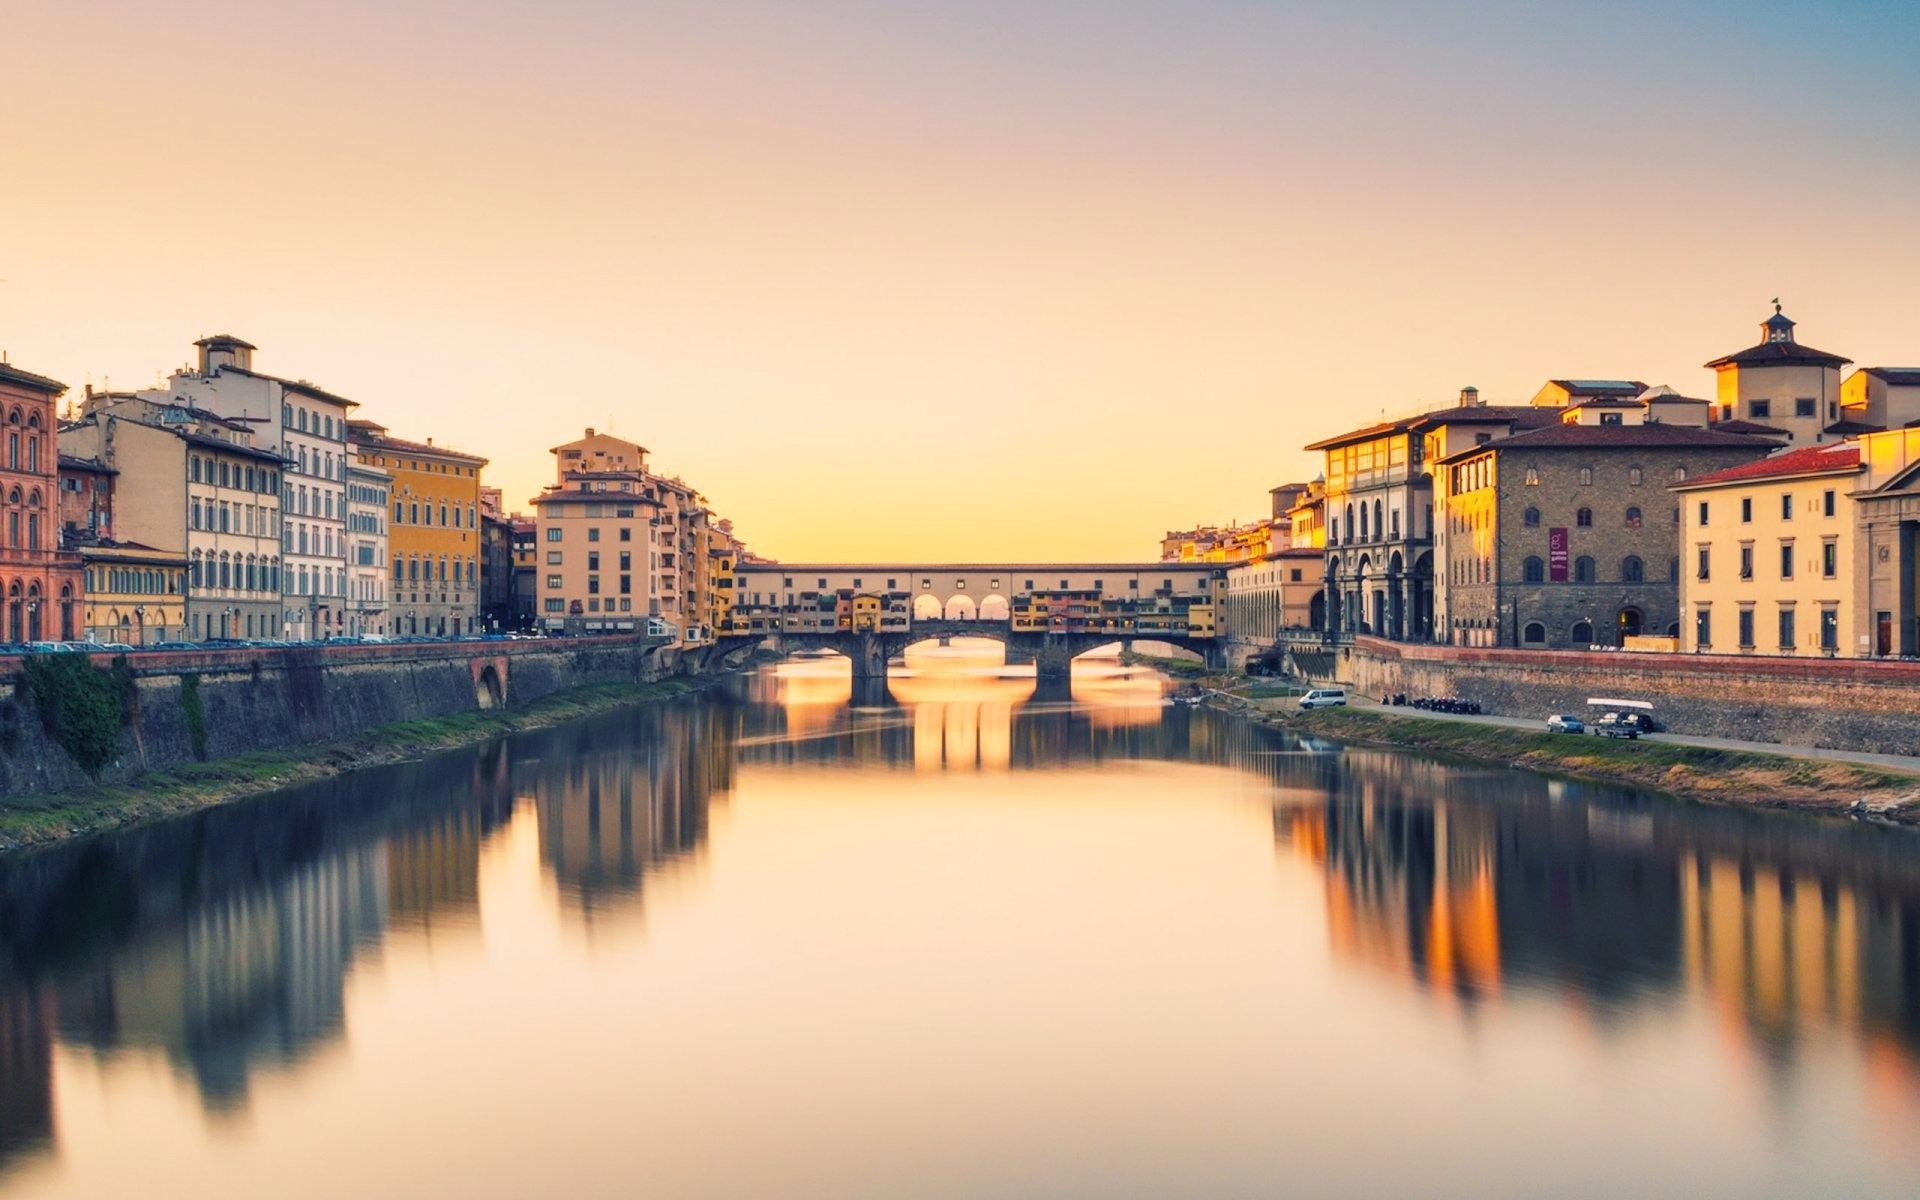 FLASH PROMOSYON İLKBAHAR & YAZ DÖNEMİ NEO KLASİK İTALYA Venedik (3) - Floransa(1) - Roma (3)  Pegasus Hava Yolları Özel Seferi ile İZMİR Hareket  20 Mayıs & 03, 17 Haziran & 15, 29 Temmuz  12, 26 Ağustos & 23 Eylül 2016 Hareket ... 7 Gece Tour